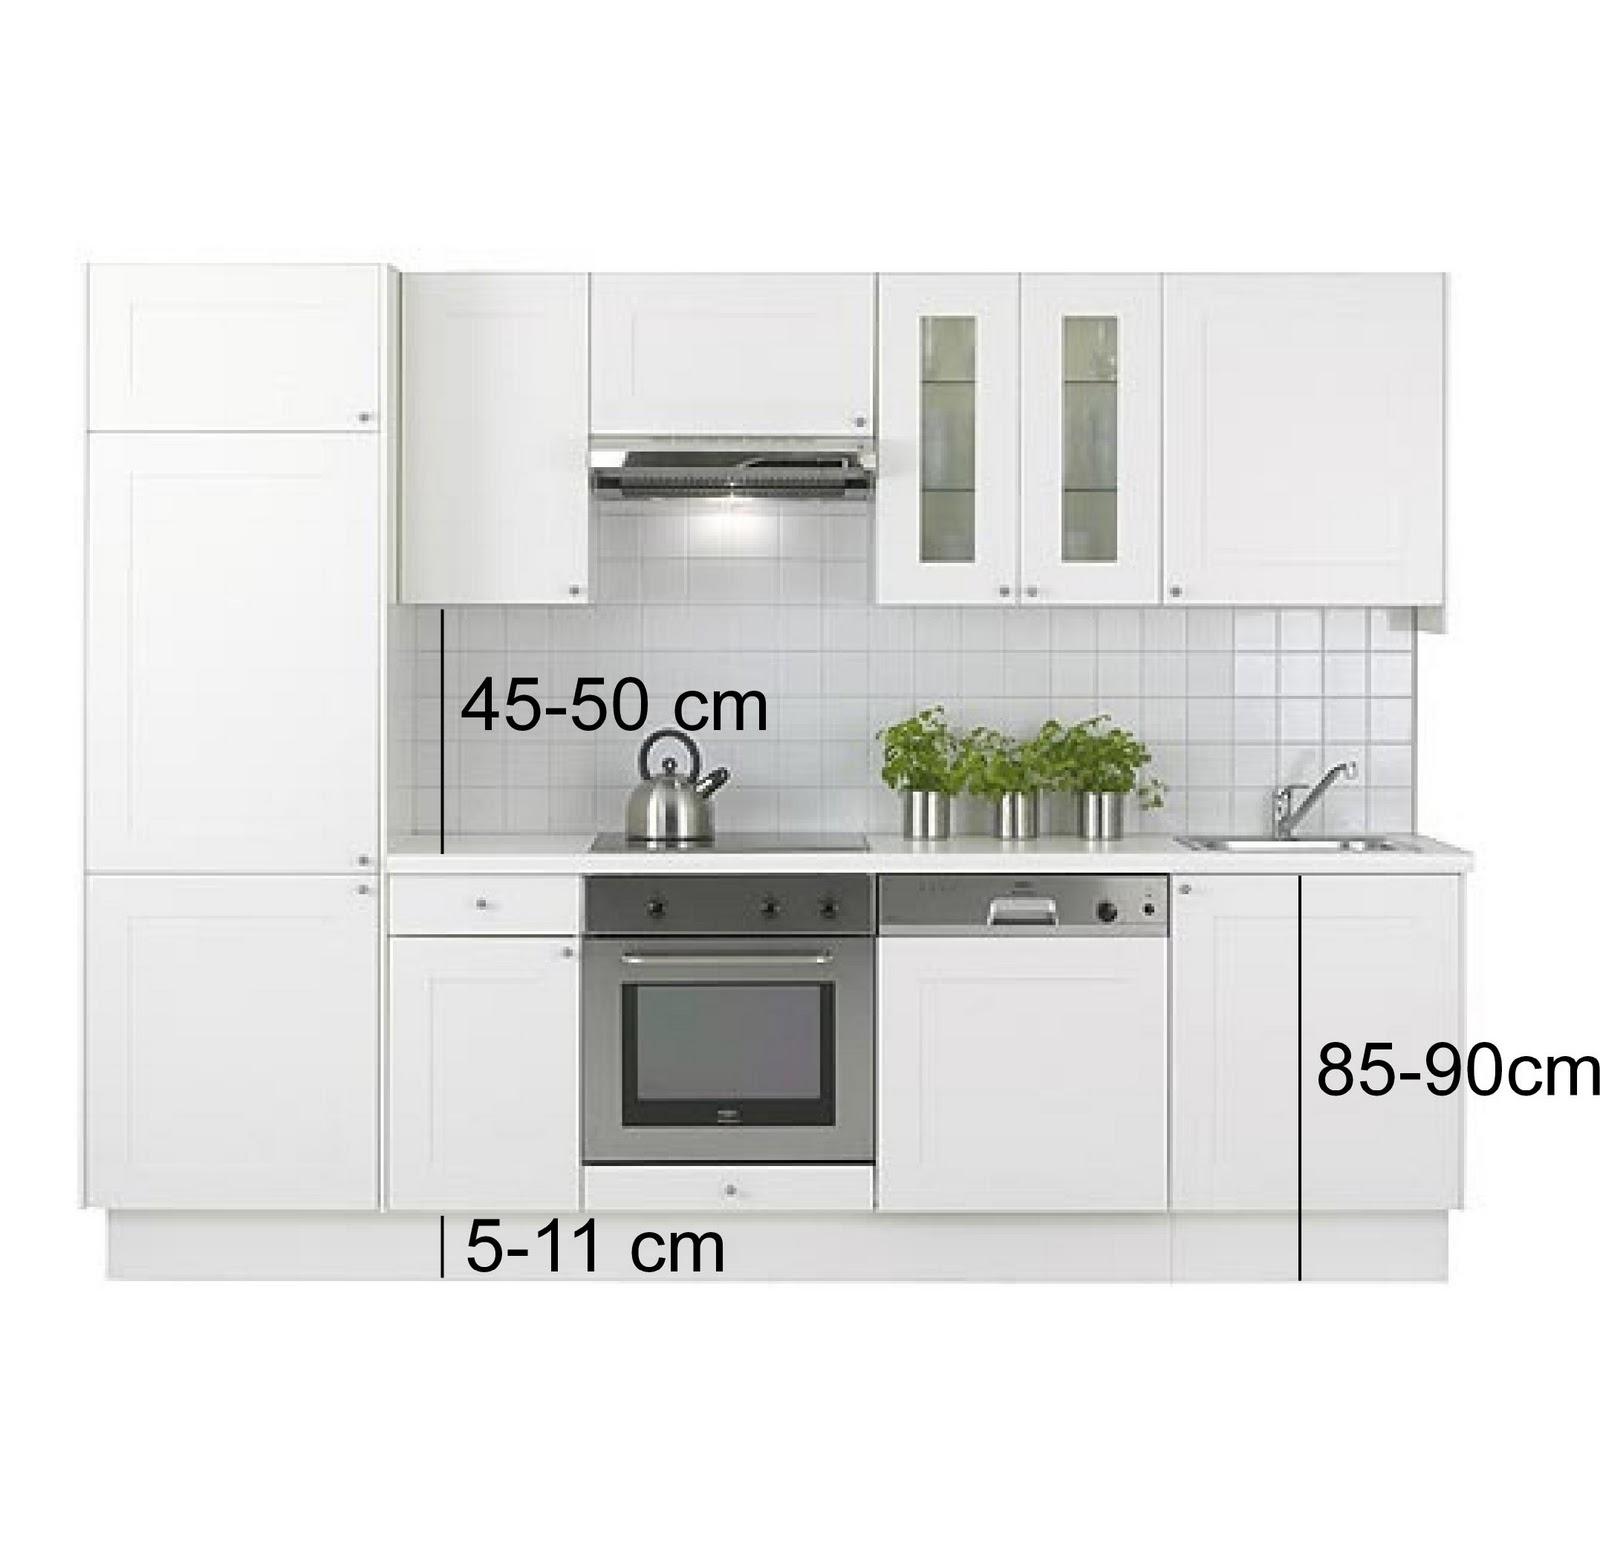 Reformar la cocina distancias medidas y dimensiones a for Medidas de mesones para cocina